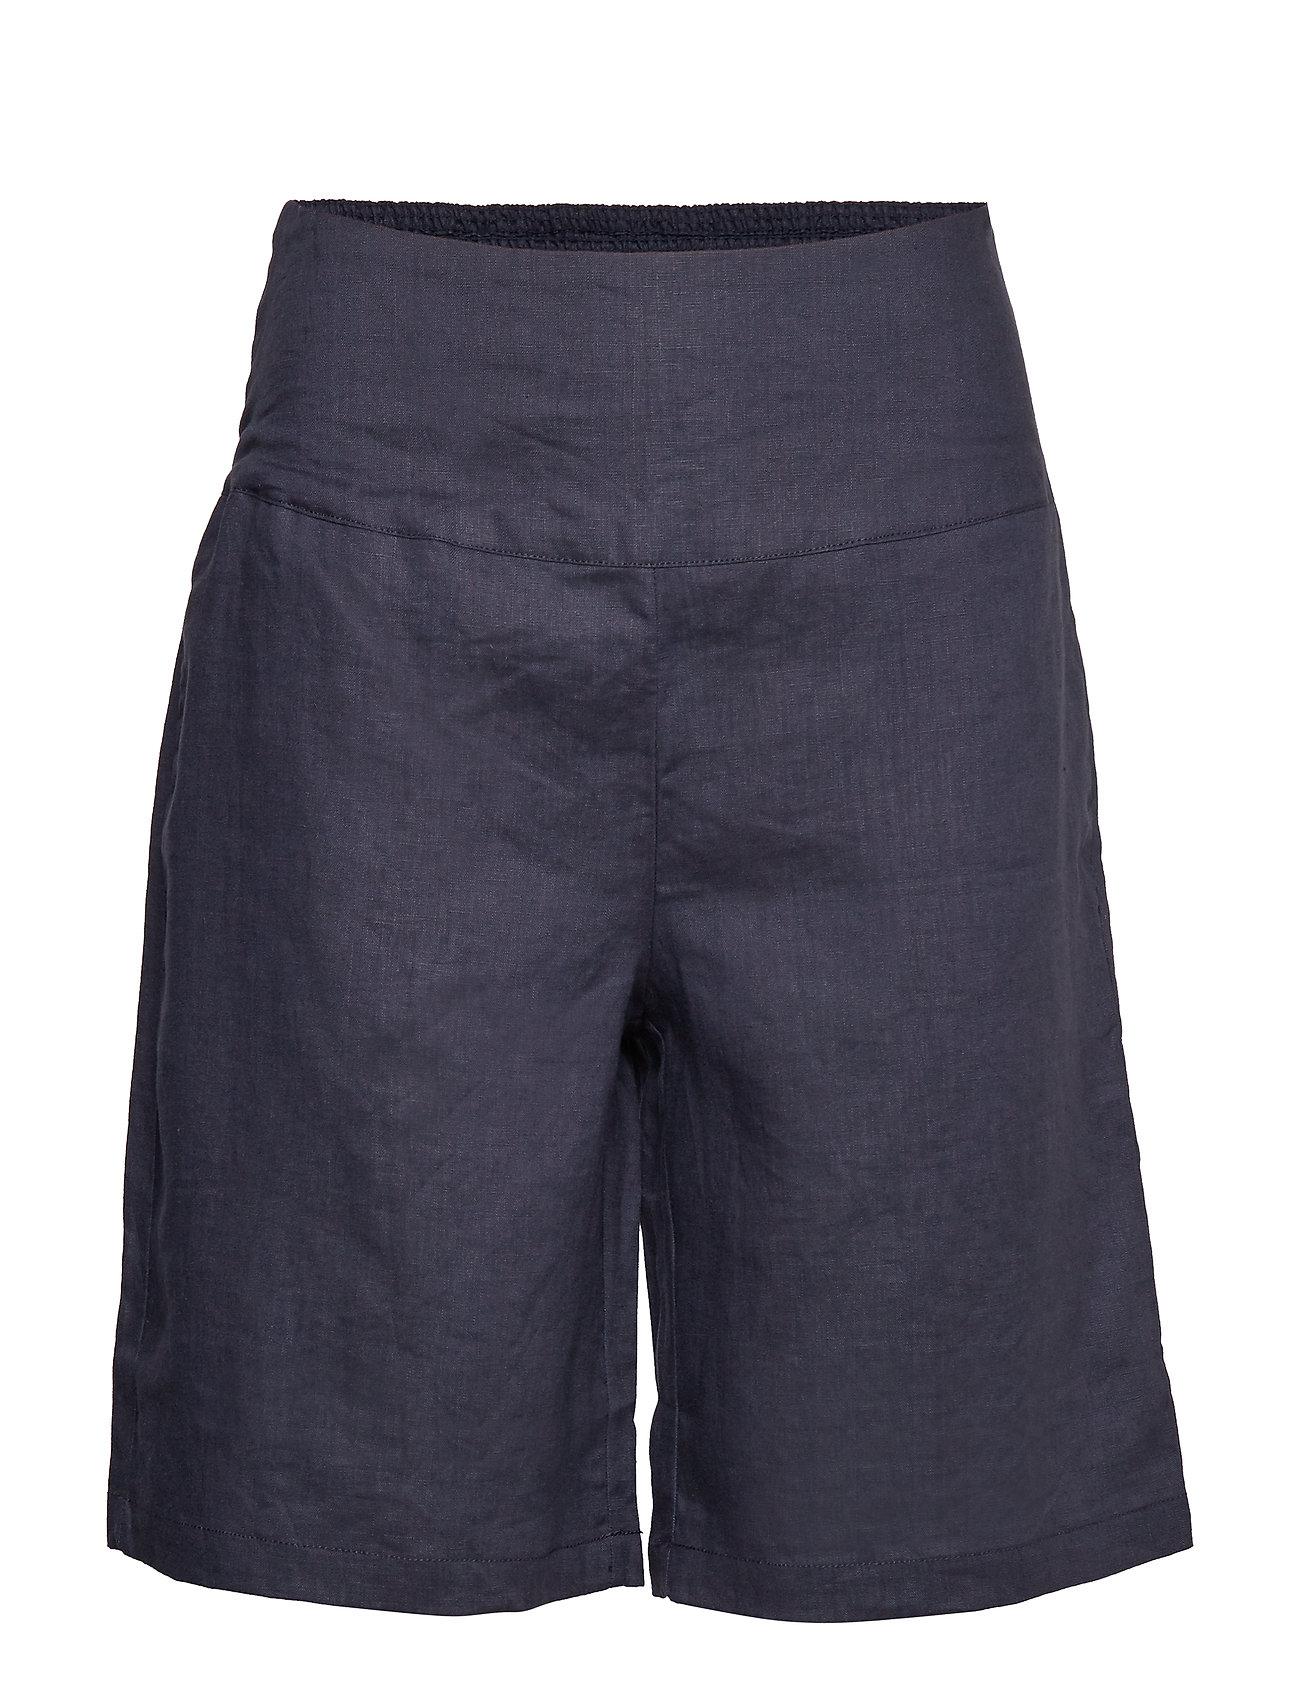 Masai Pinja shorts - NAVY